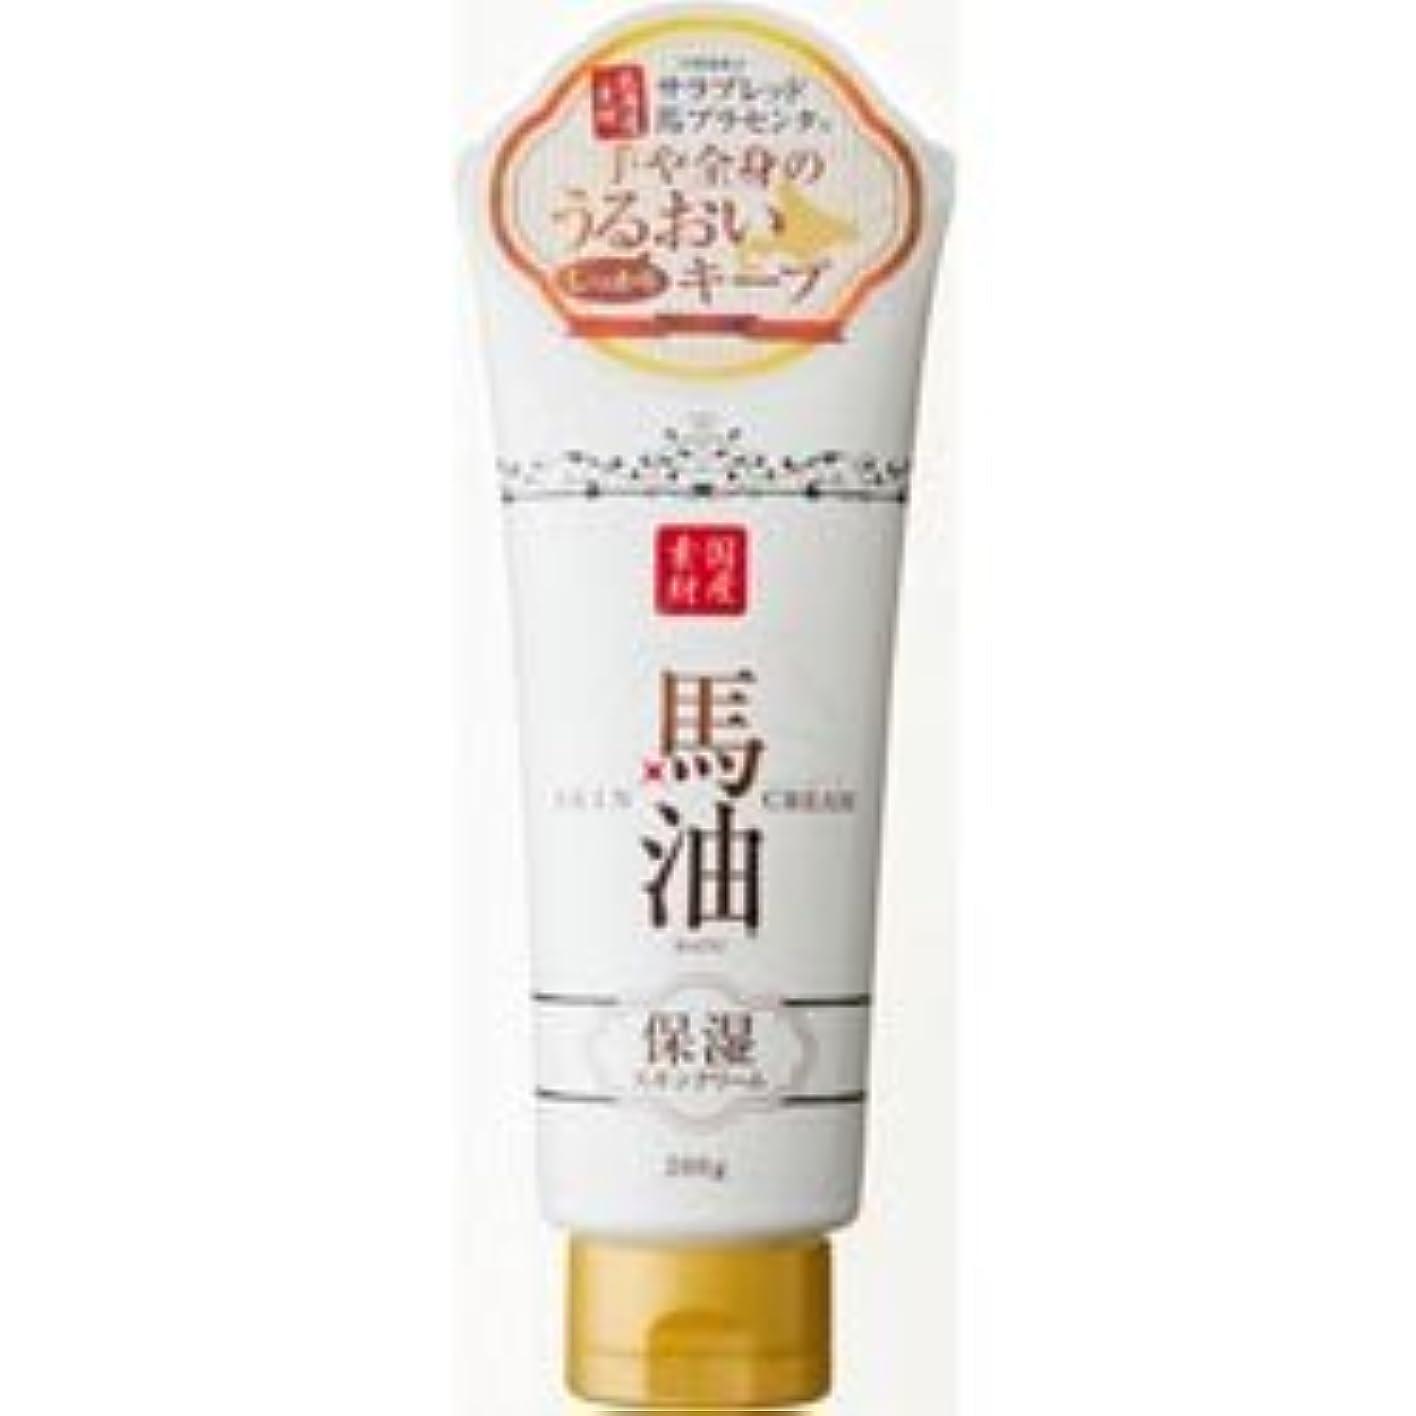 平手打ちカルシウム化粧【アイスタイル】リシャン 馬油保湿スキンクリーム さくらの香り 200g ×10個セット